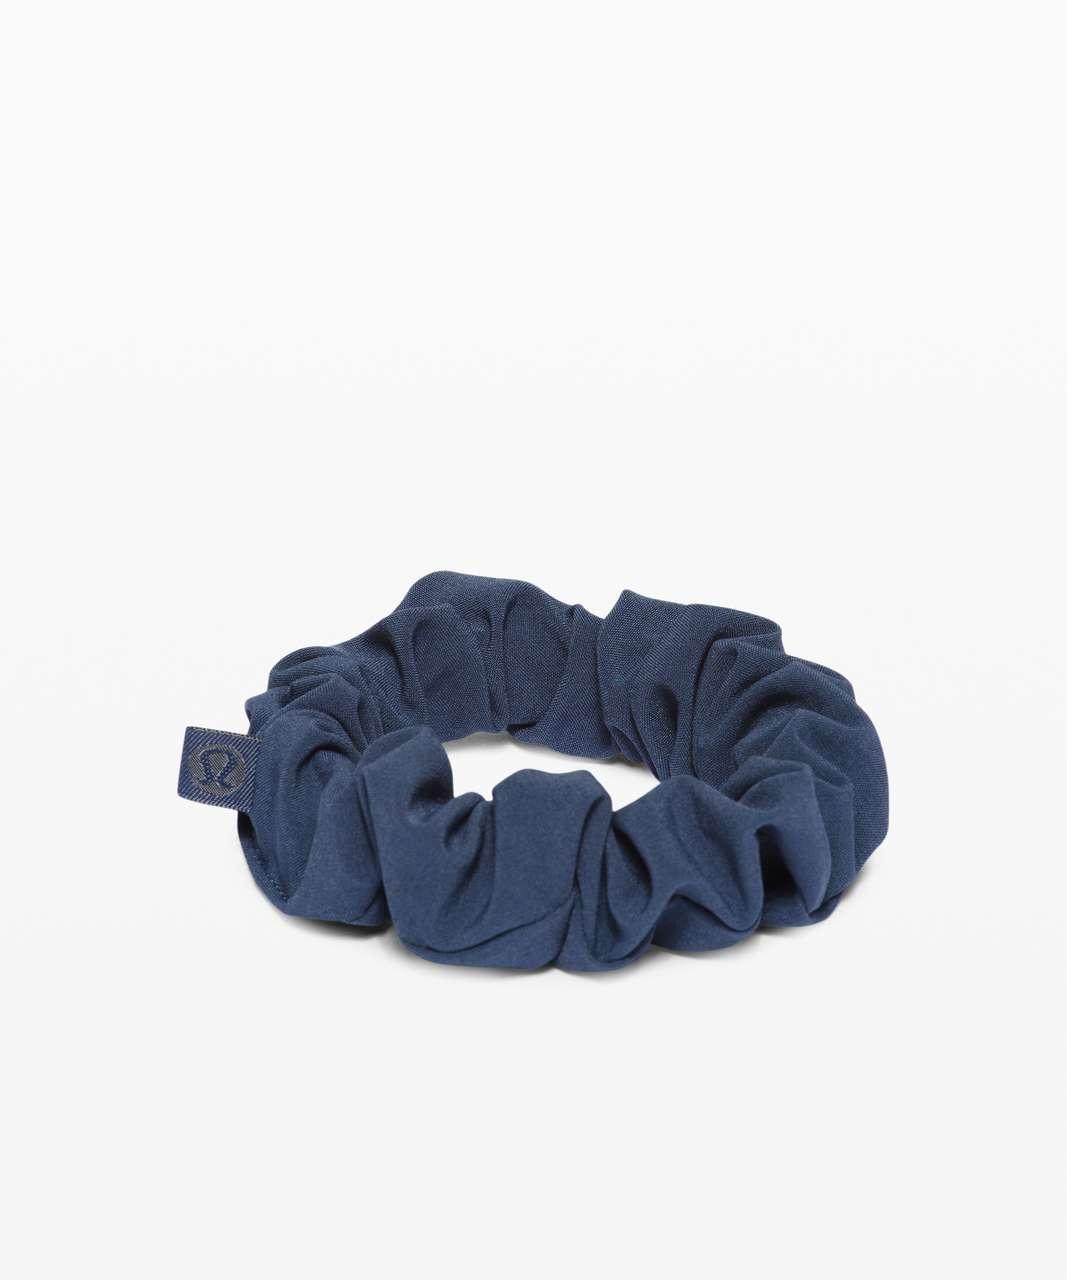 Lululemon Uplifting Scrunchie - Iron Blue